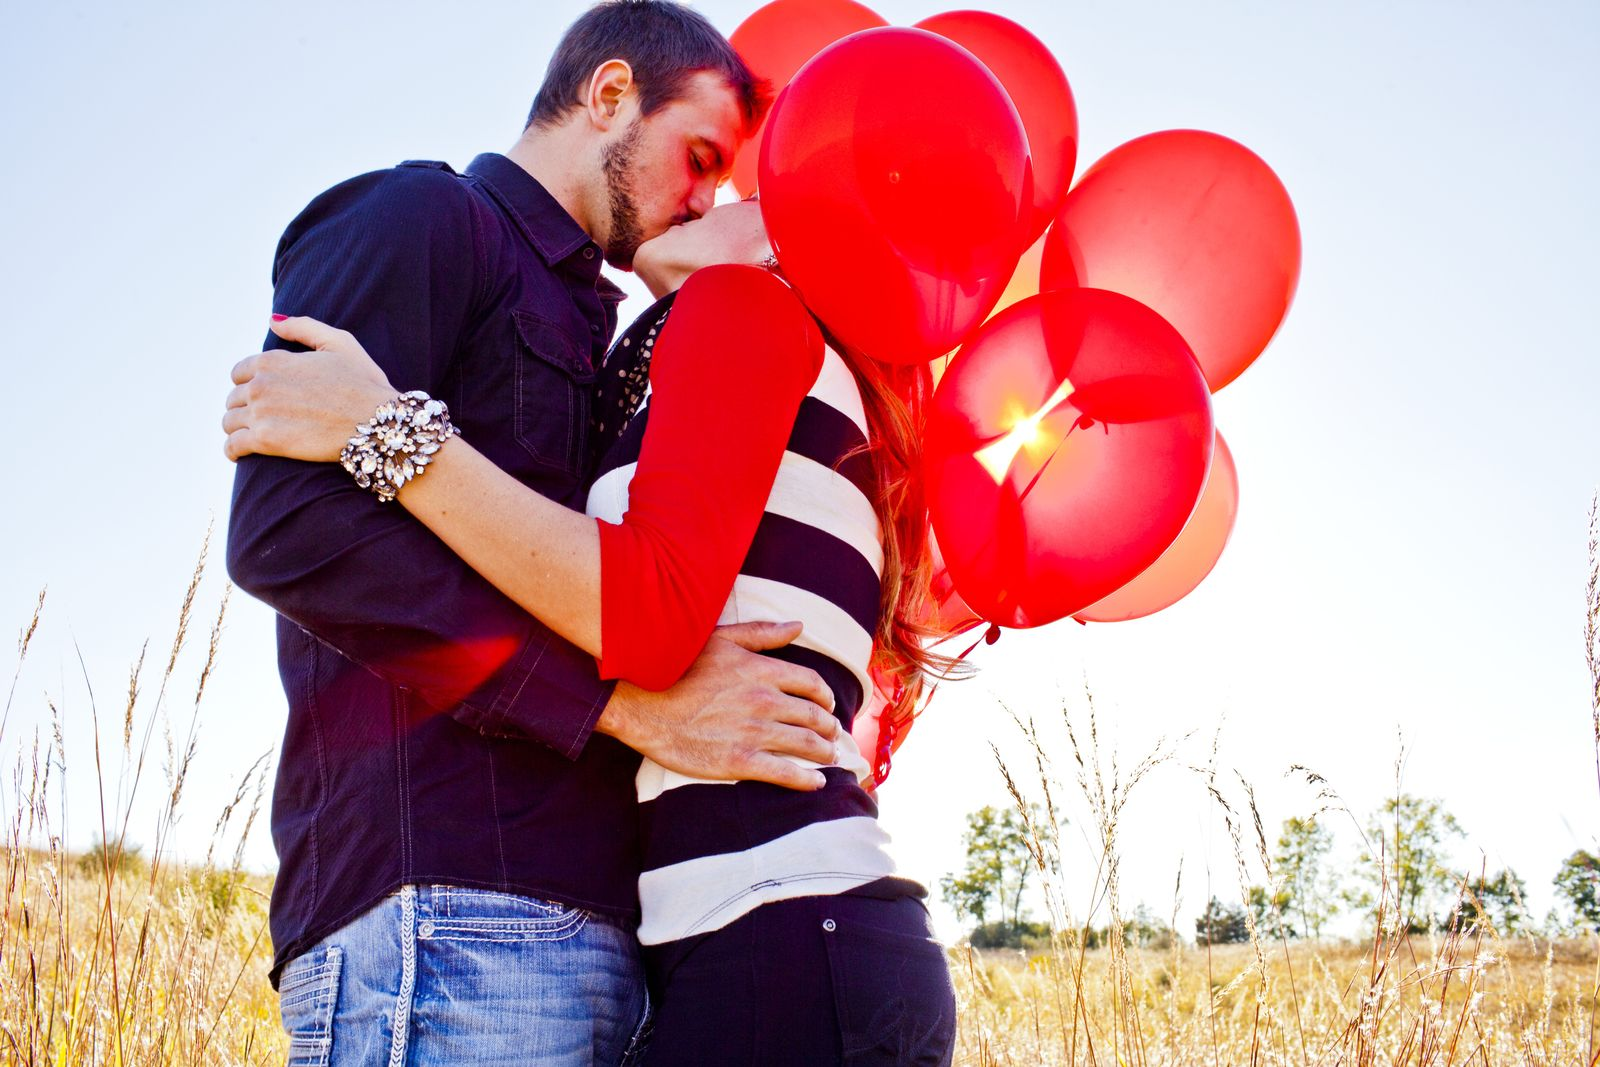 NICHT MEHR VERWENDEN! - Kuss/ Beziehung/ Liebesbeziehung